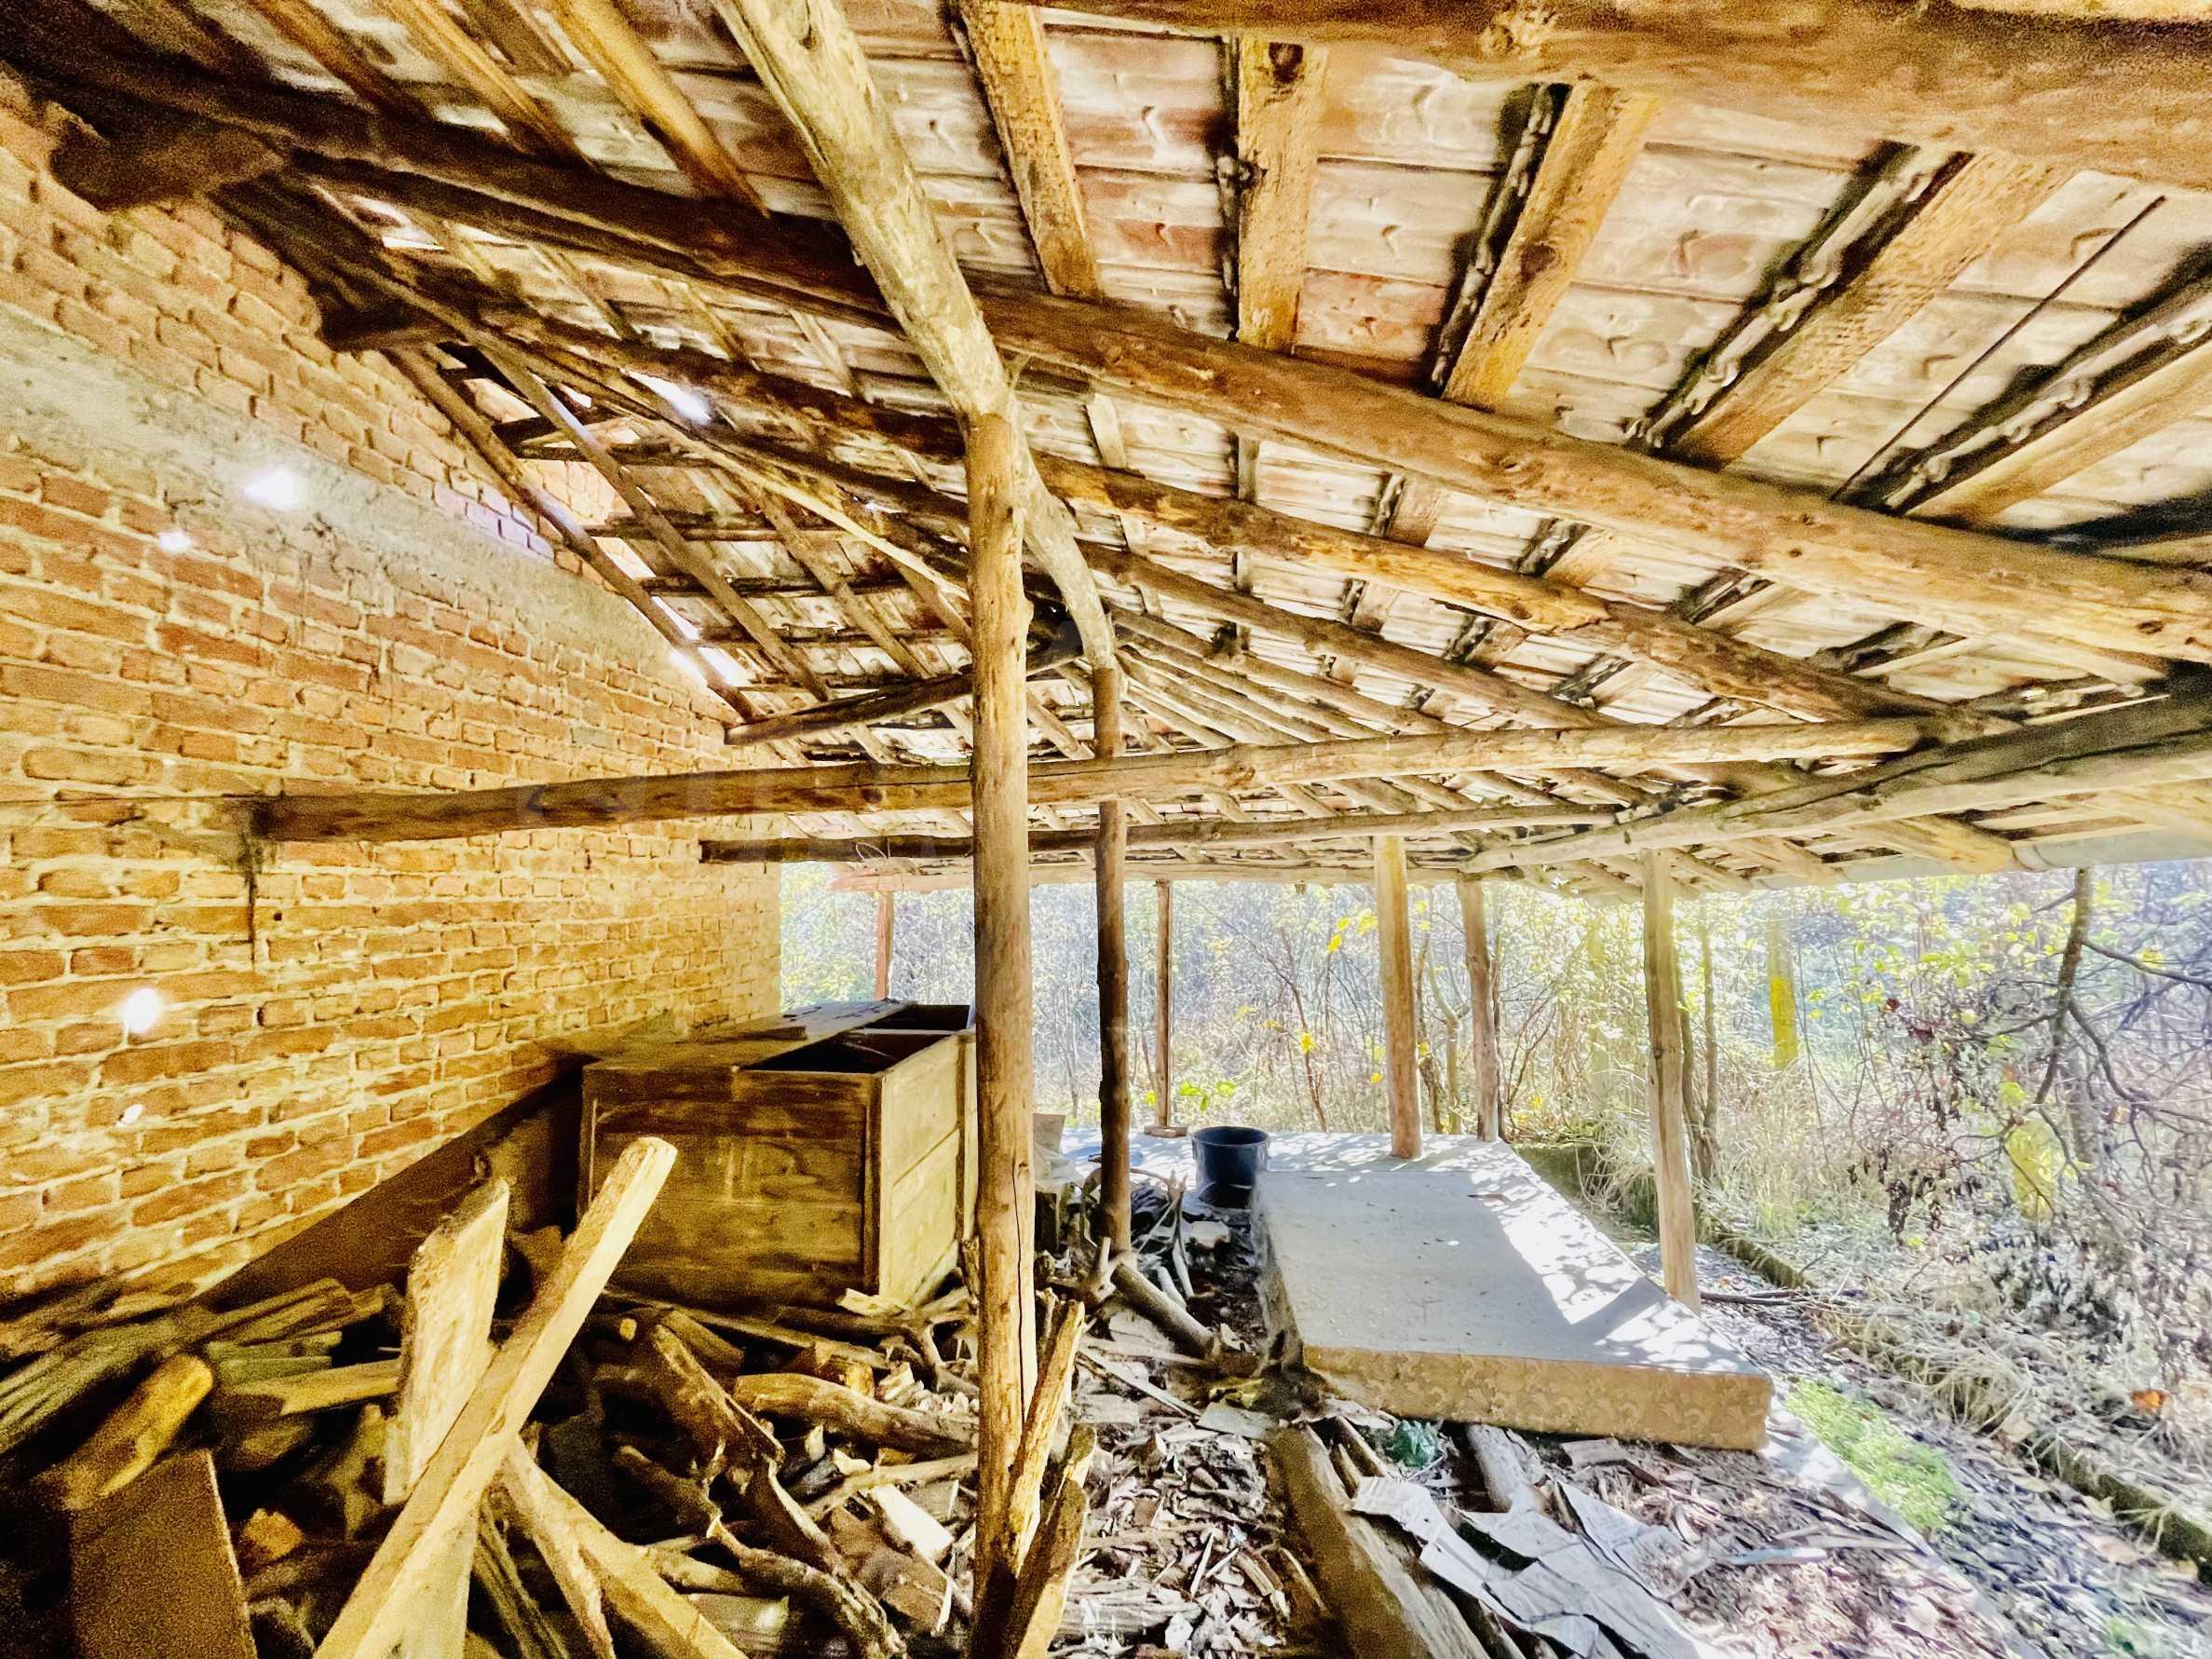 Zweistöckiges Haus in einem Dorf mit Mineralquellen und Fluss 14